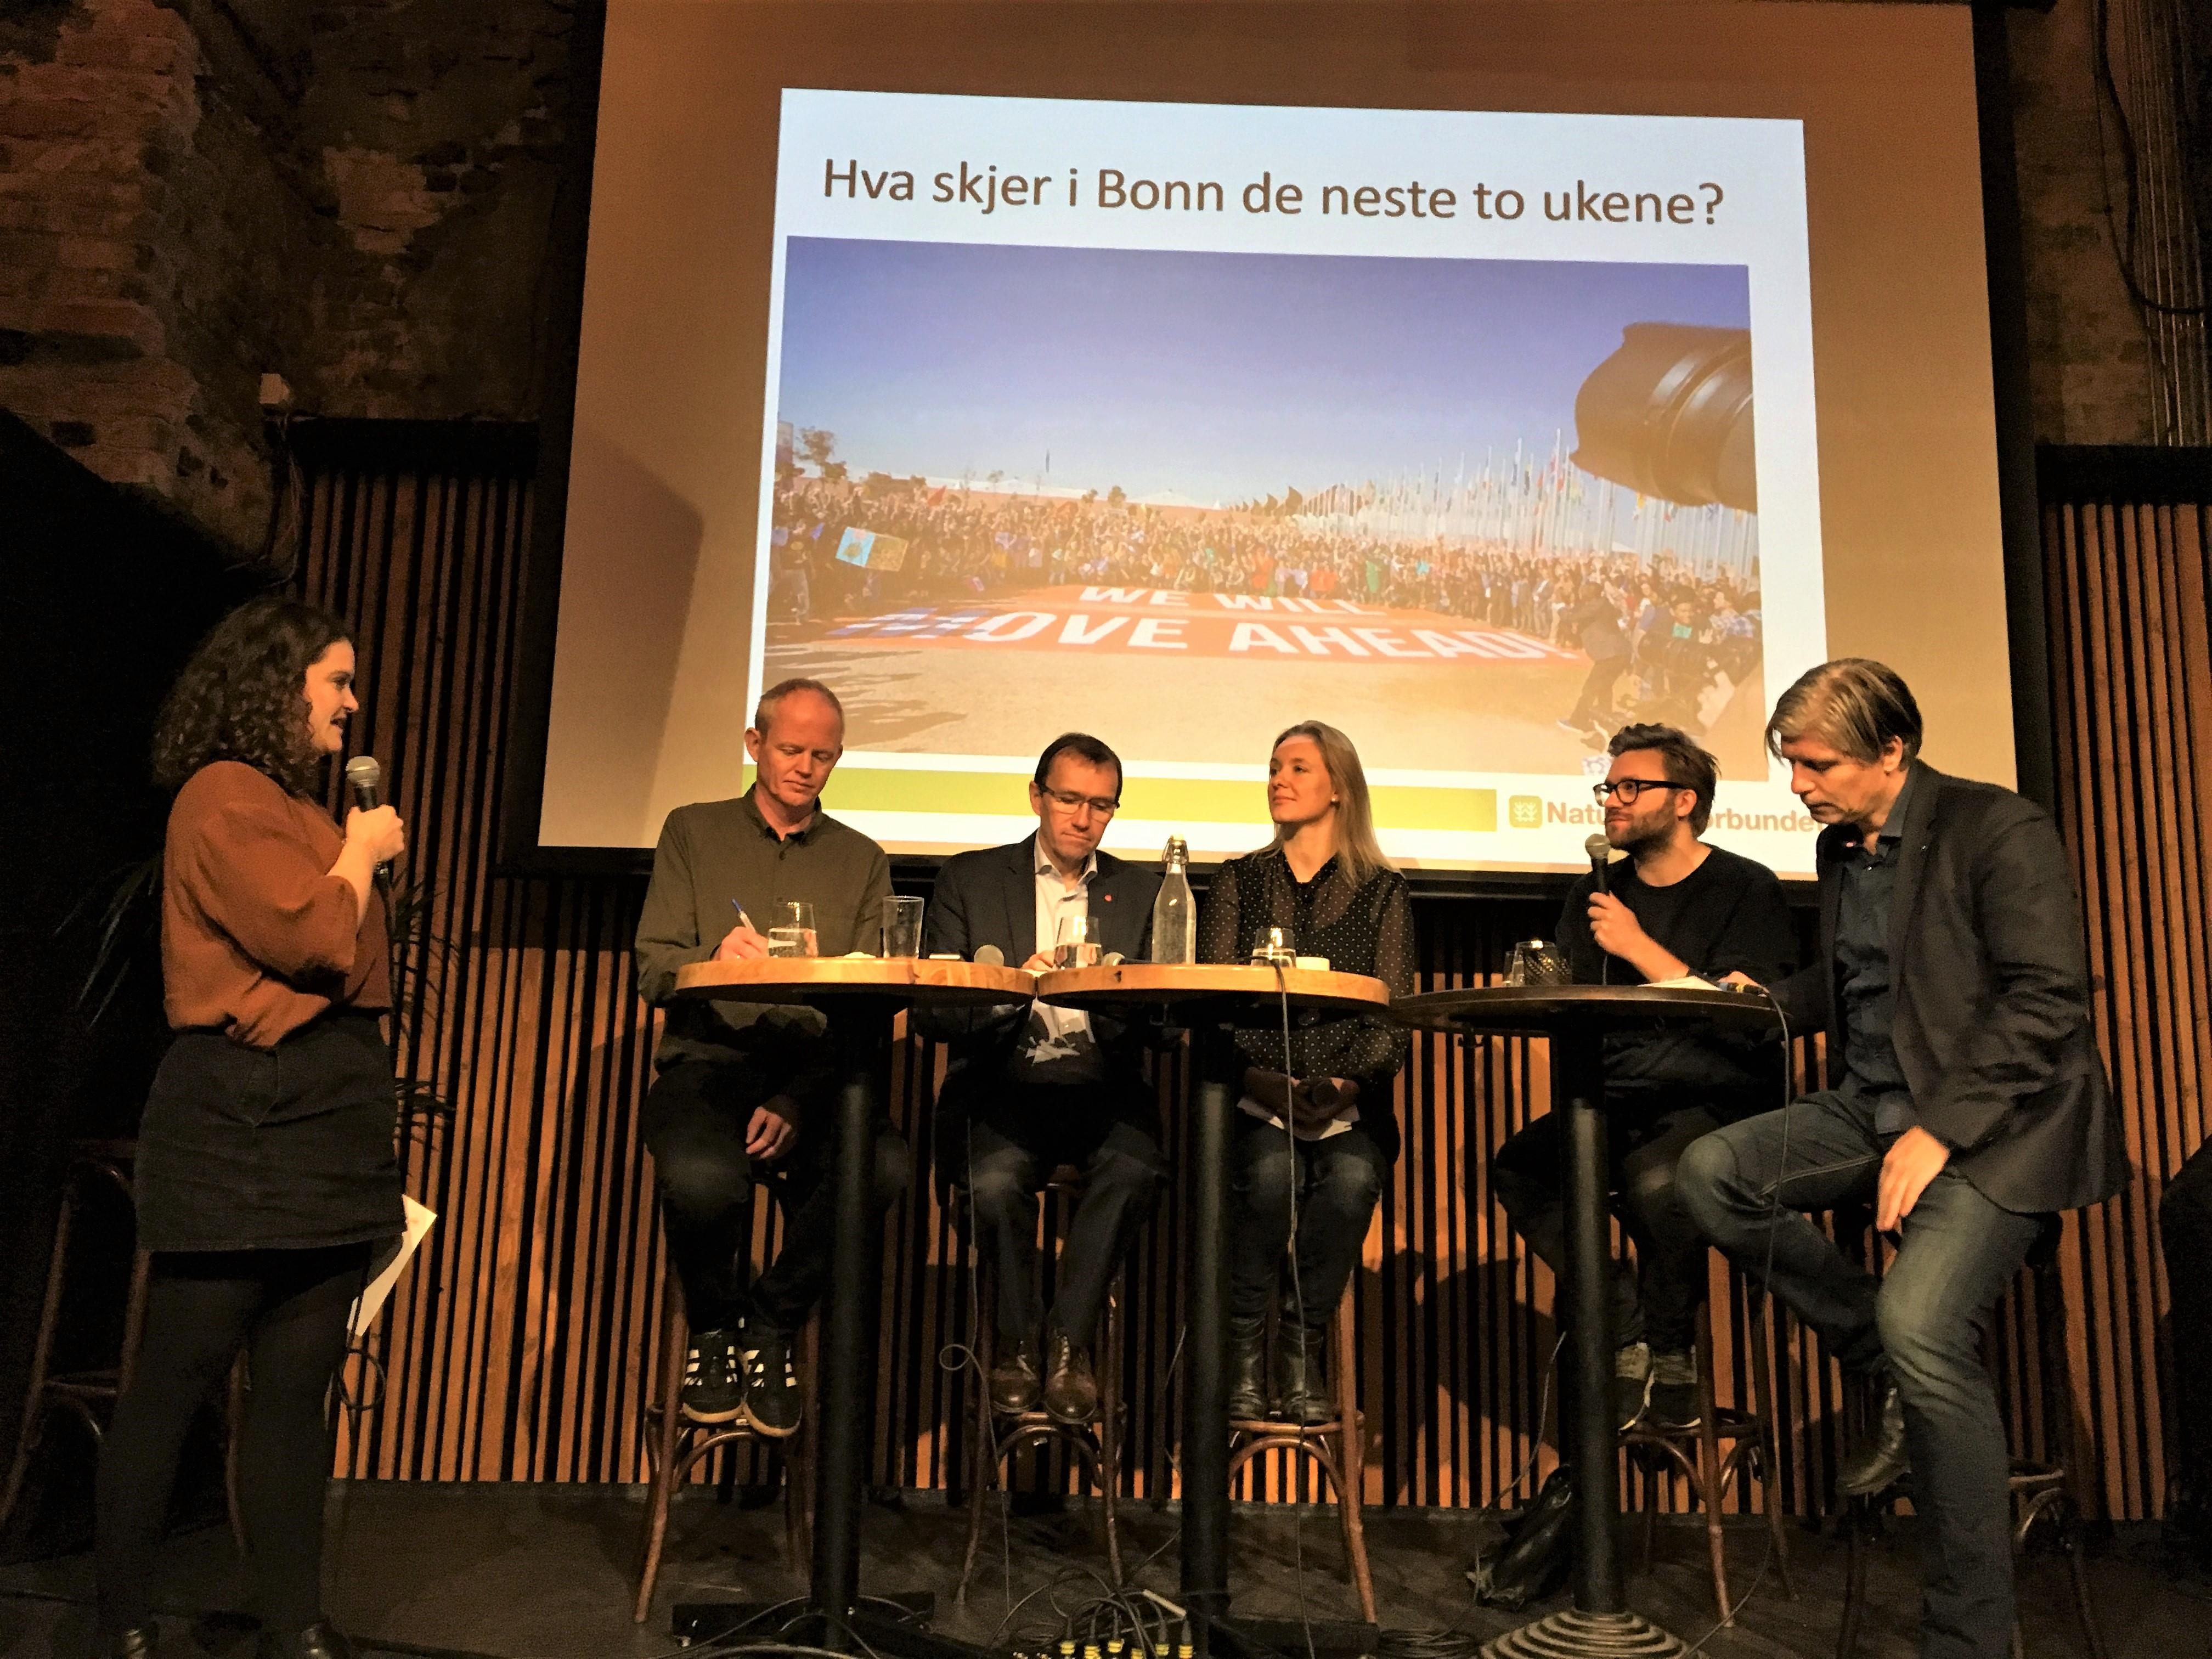 Seniorrådgiver i ForUM, Kristina Fröberg, i panel med Lars Haltbrekken (SV), Espen Barth Eide (Ap), Stefan Heggelund (H) og Ola Elvestuen (V)